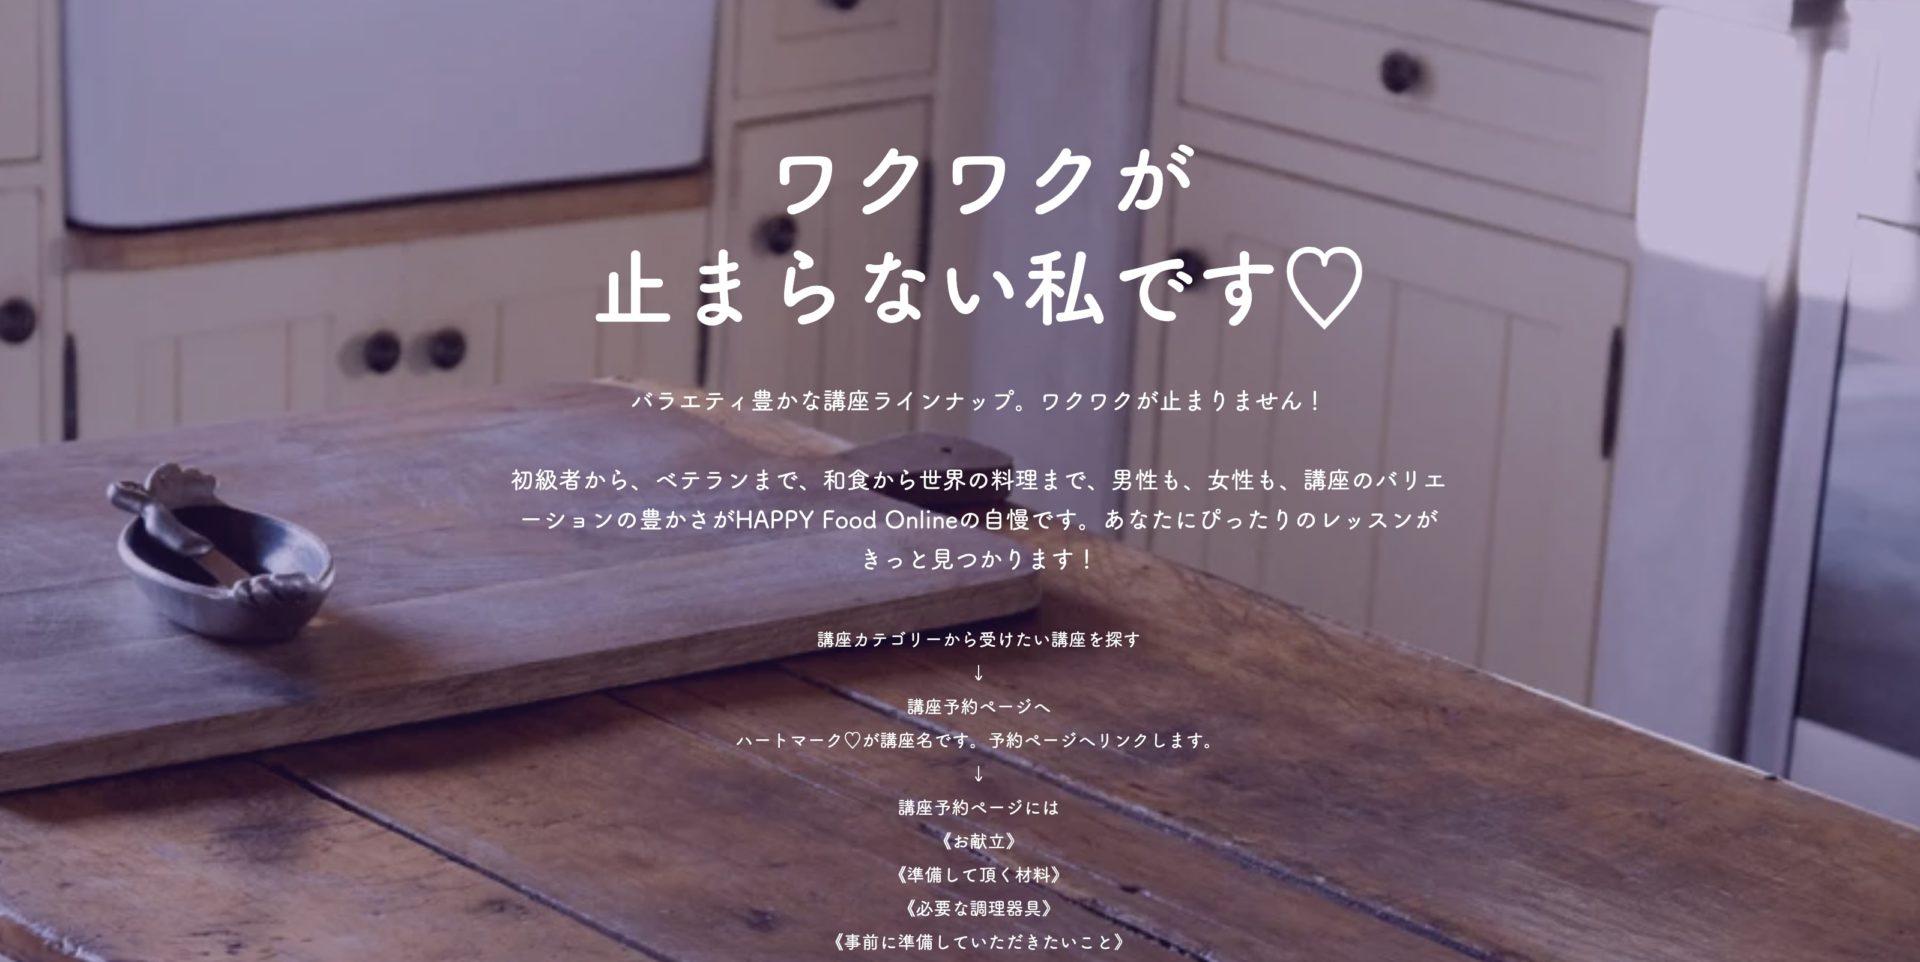 ワクワクが 止まらない私です♡ オンライン料理教室 HAPPY Food Online